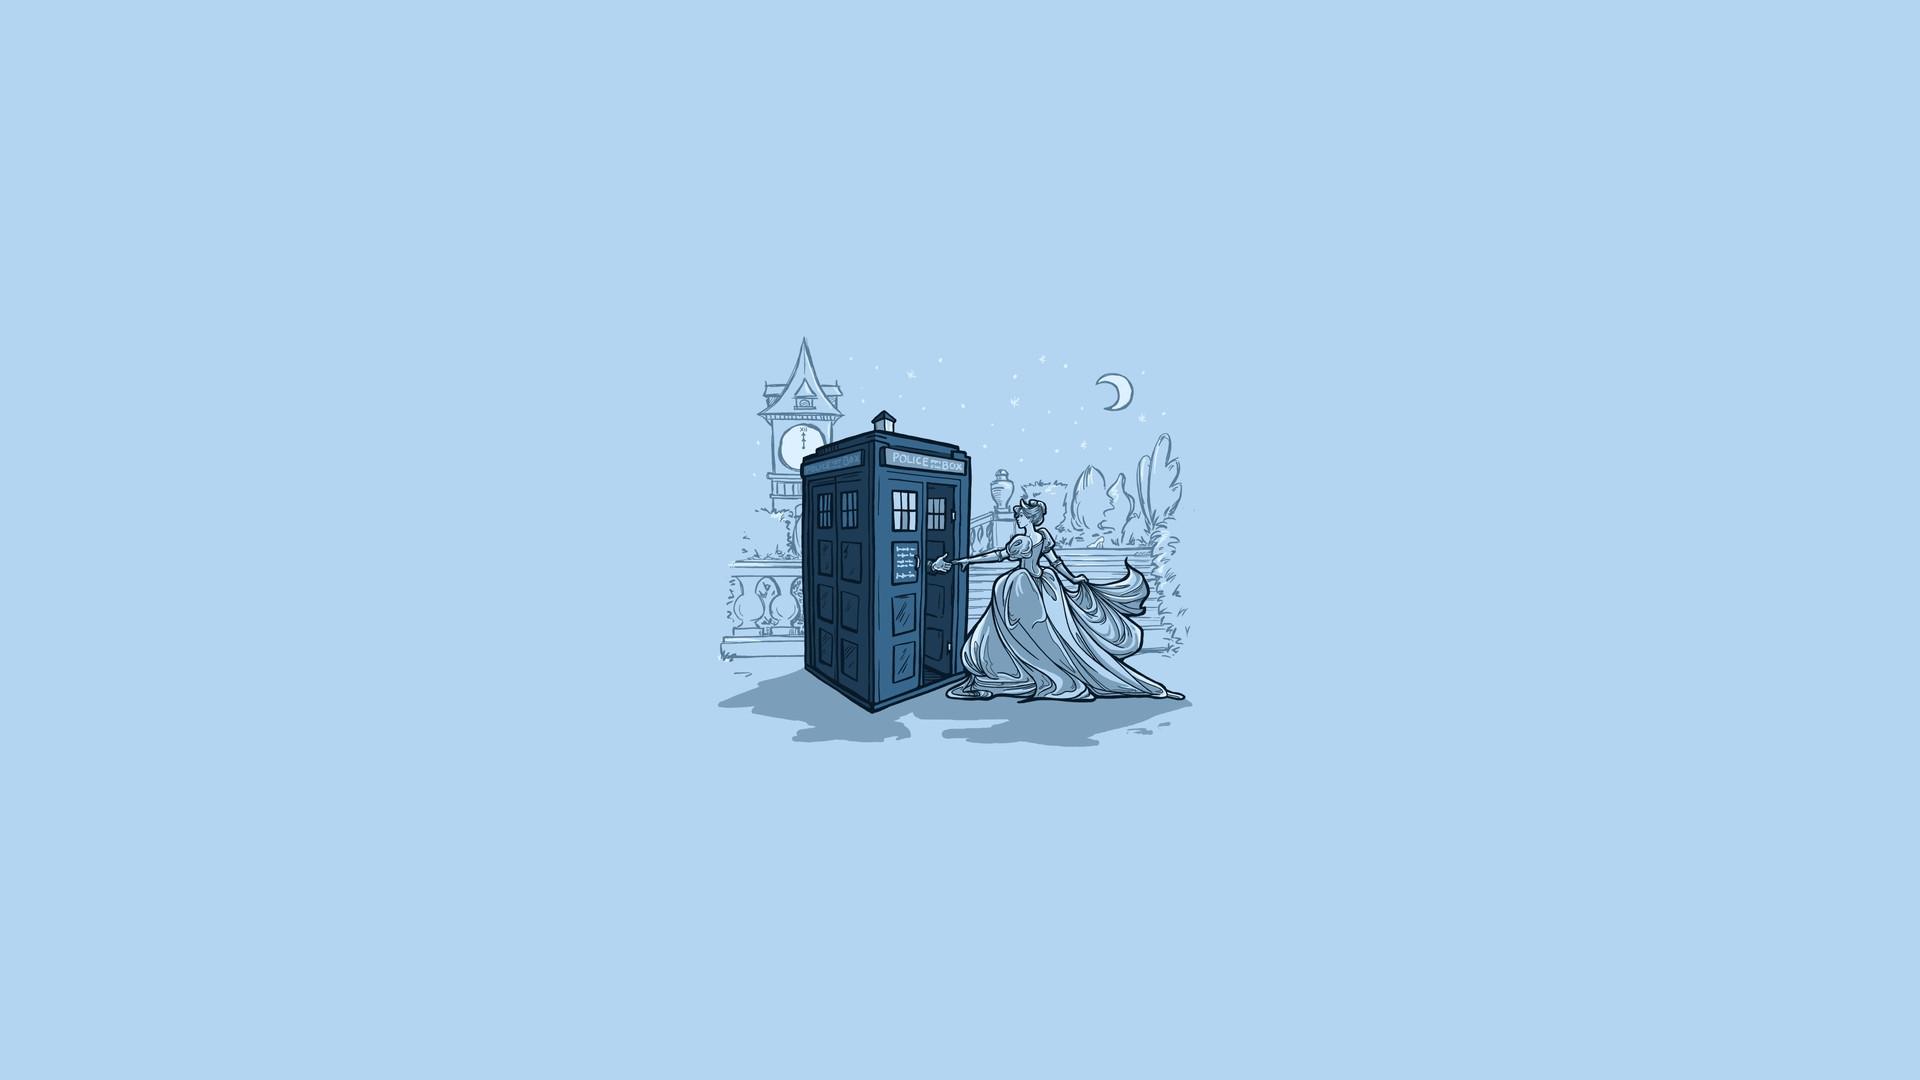 TARDIS Disney crossover HD Wallpaper 1920×1080